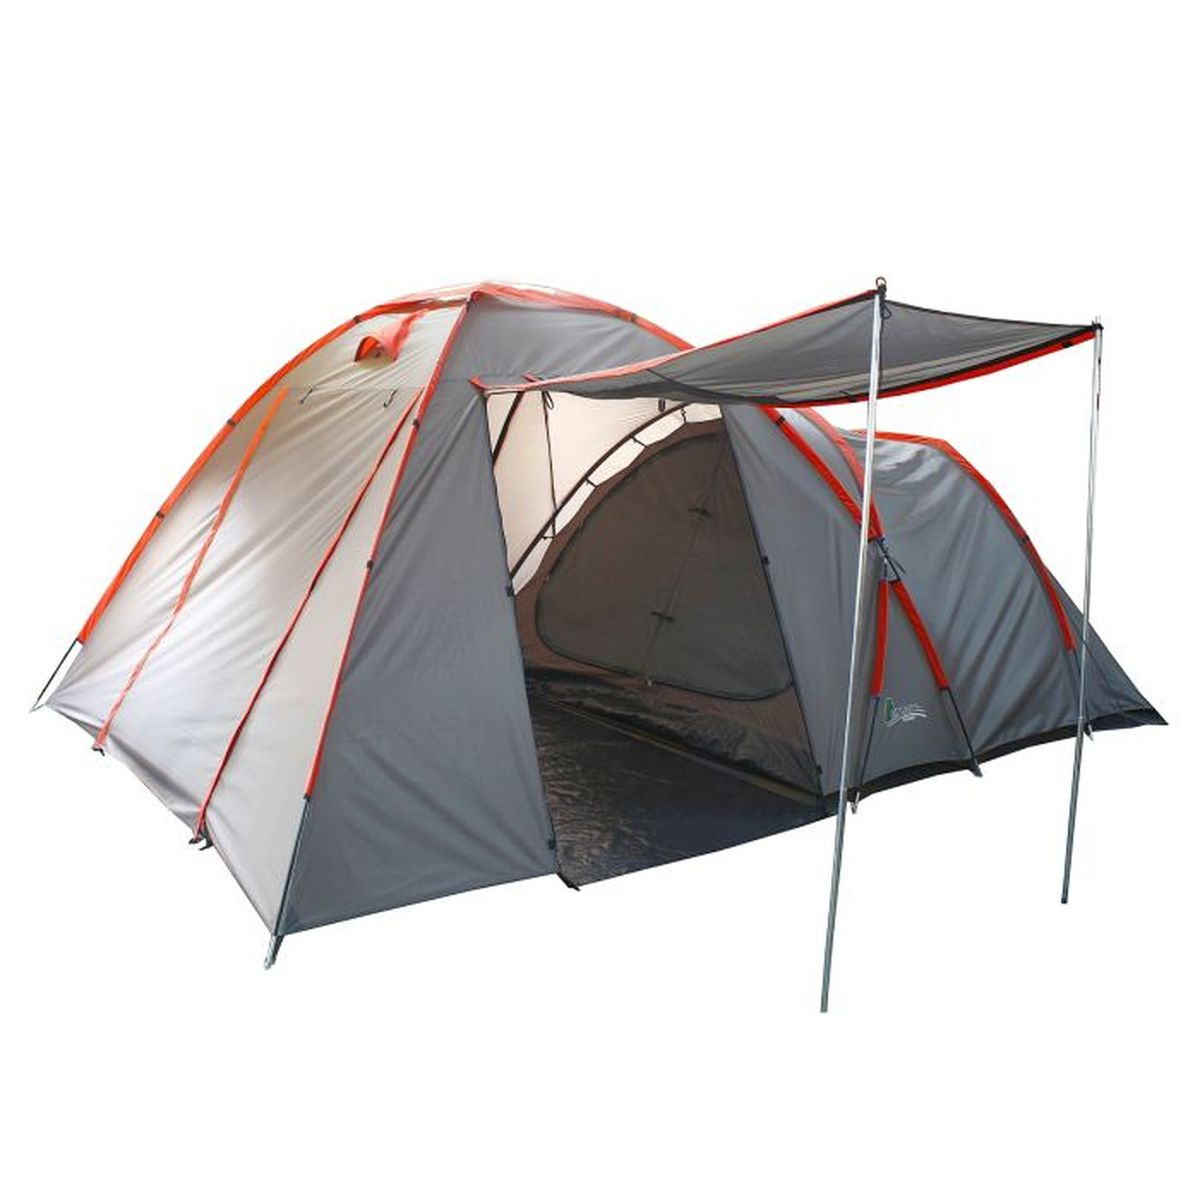 Палатка туристическая Onlitop Santana, 4-местная, цвет: серый776303Если вы заядлый турист или просто любитель природы, вы хоть раз задумывались о ночевке на свежем воздухе. Чтобы провести ее с комфортом, вам понадобится палатка Onlitop Santana. Она обеспечит безопасный досуг и защитит от непогоды и насекомых. Ткань рипстоп гарантирует длительную эксплуатацию палатки за счет высокой прочности материала.Конструкция палатки:- 2 палатки объединены 1 общим тамбуром для хранения вещей;- 2 входа в тамбур;- отдельный вход в каждую палатку;- 1 большое окно в тамбуре;- перед входом можно оборудовать навес.Внутреннее оснащение:- 2 вентиляционных окна в каждой палатке;- 2 кармана для хранения вещей в каждой палатке.Размер палатки: 470 х 260 х 180 см.